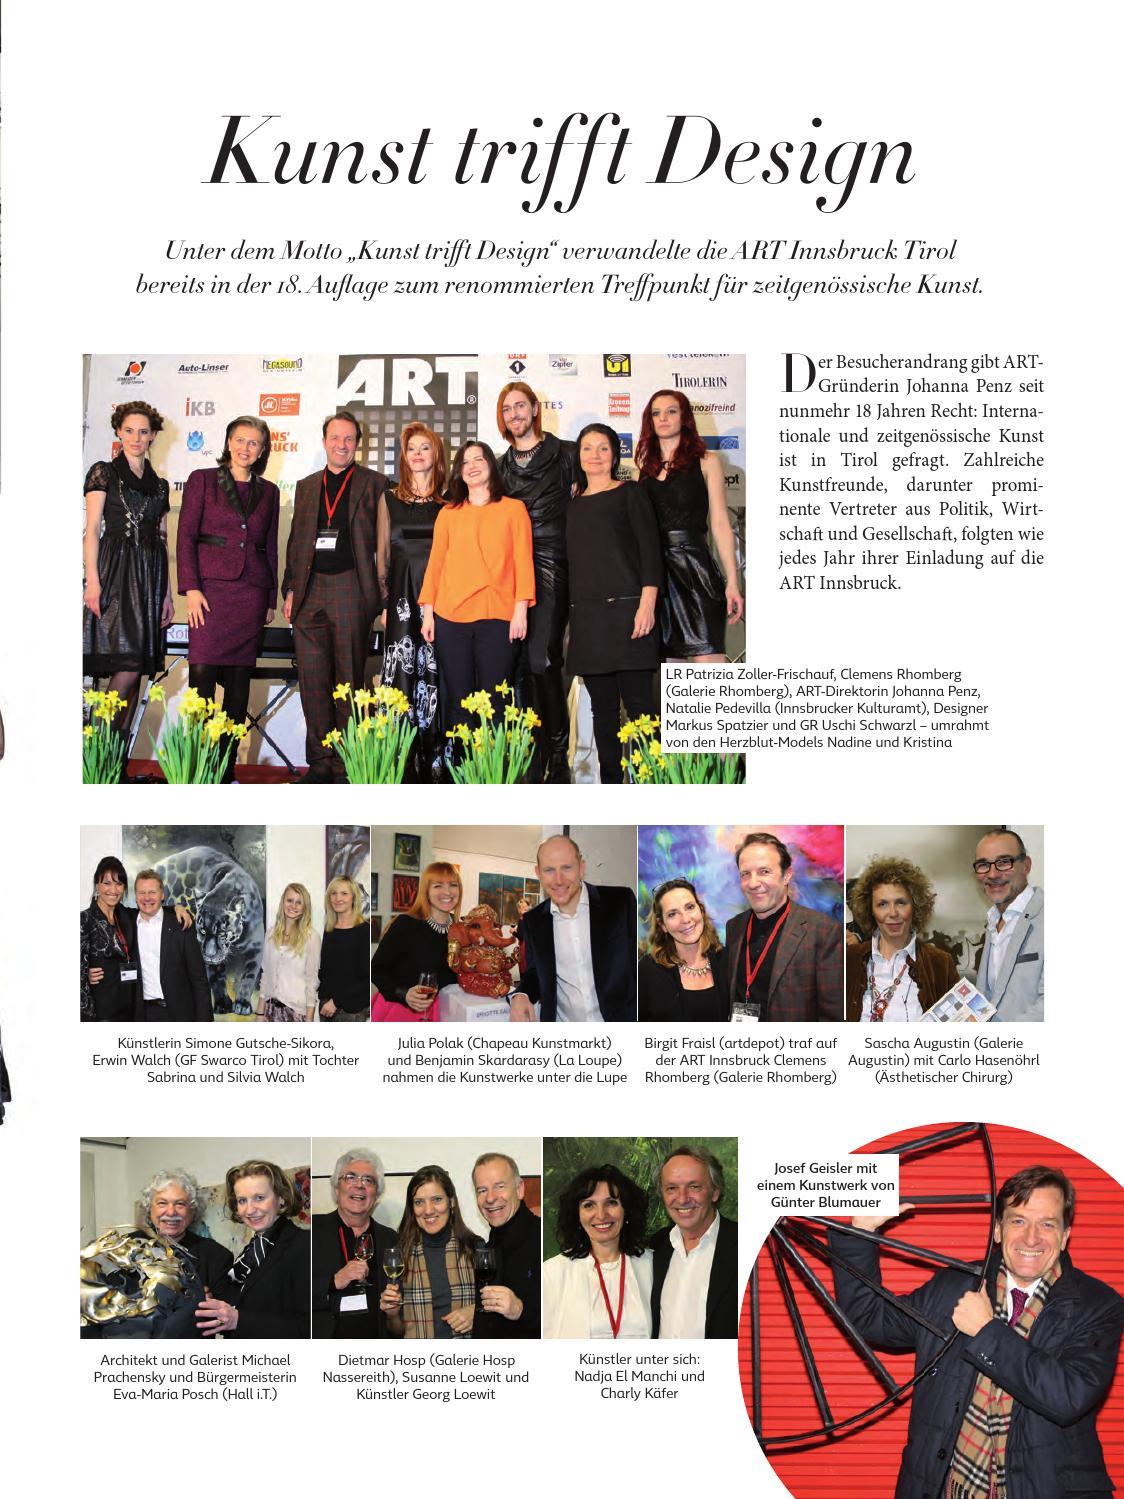 Epaper ganz märz14 by Bundesländerinnen issuu